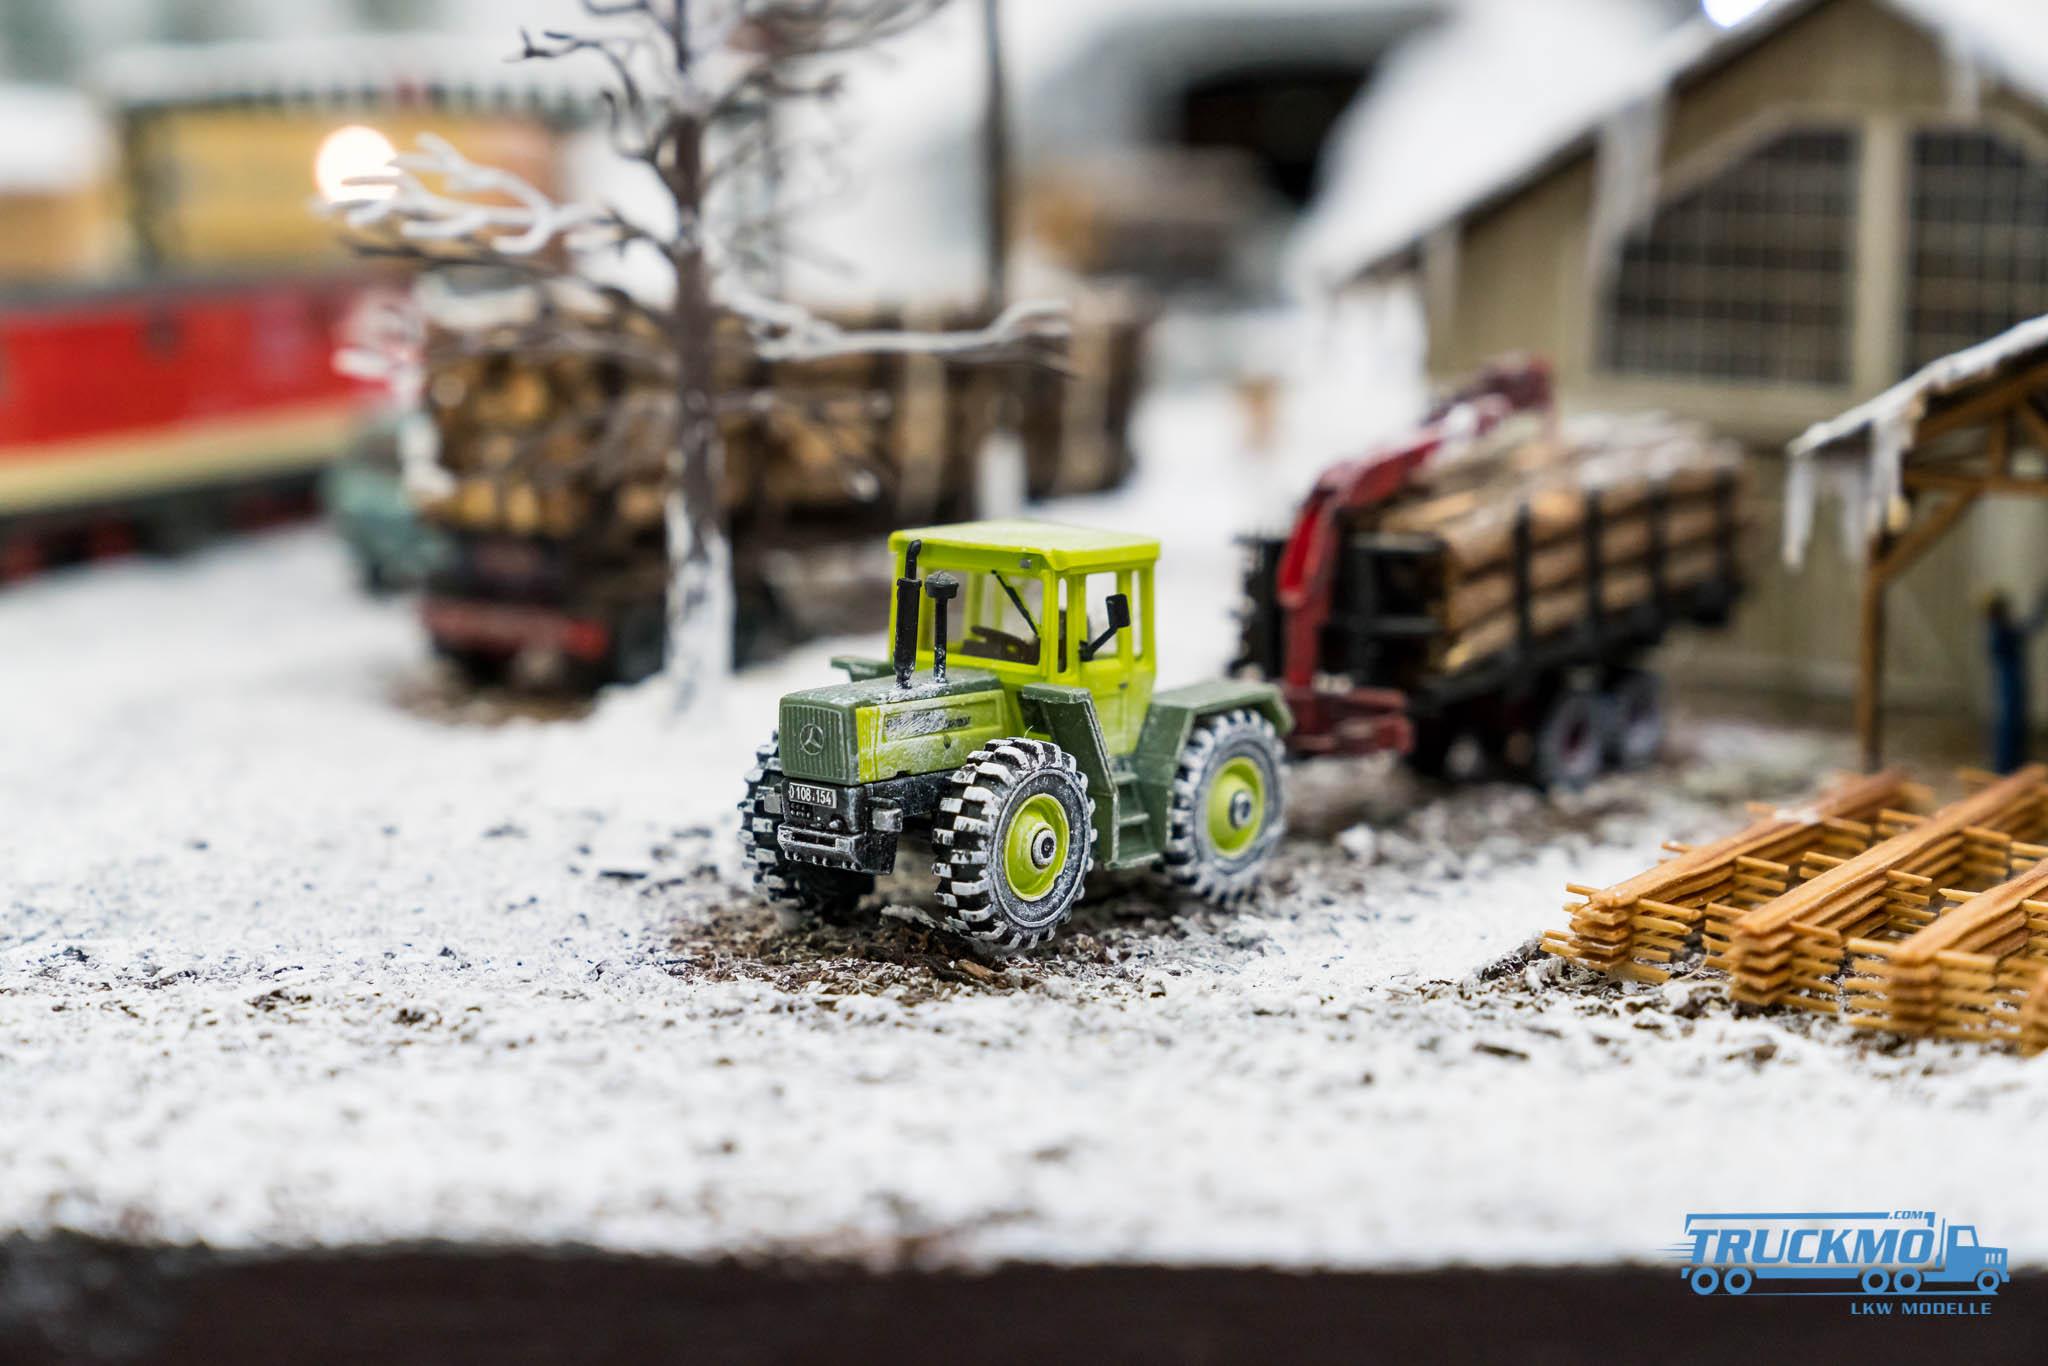 Truckmo_Modellbau_Ried_2017_Herpa_Messe_Modellbauausstellung (76 von 1177)